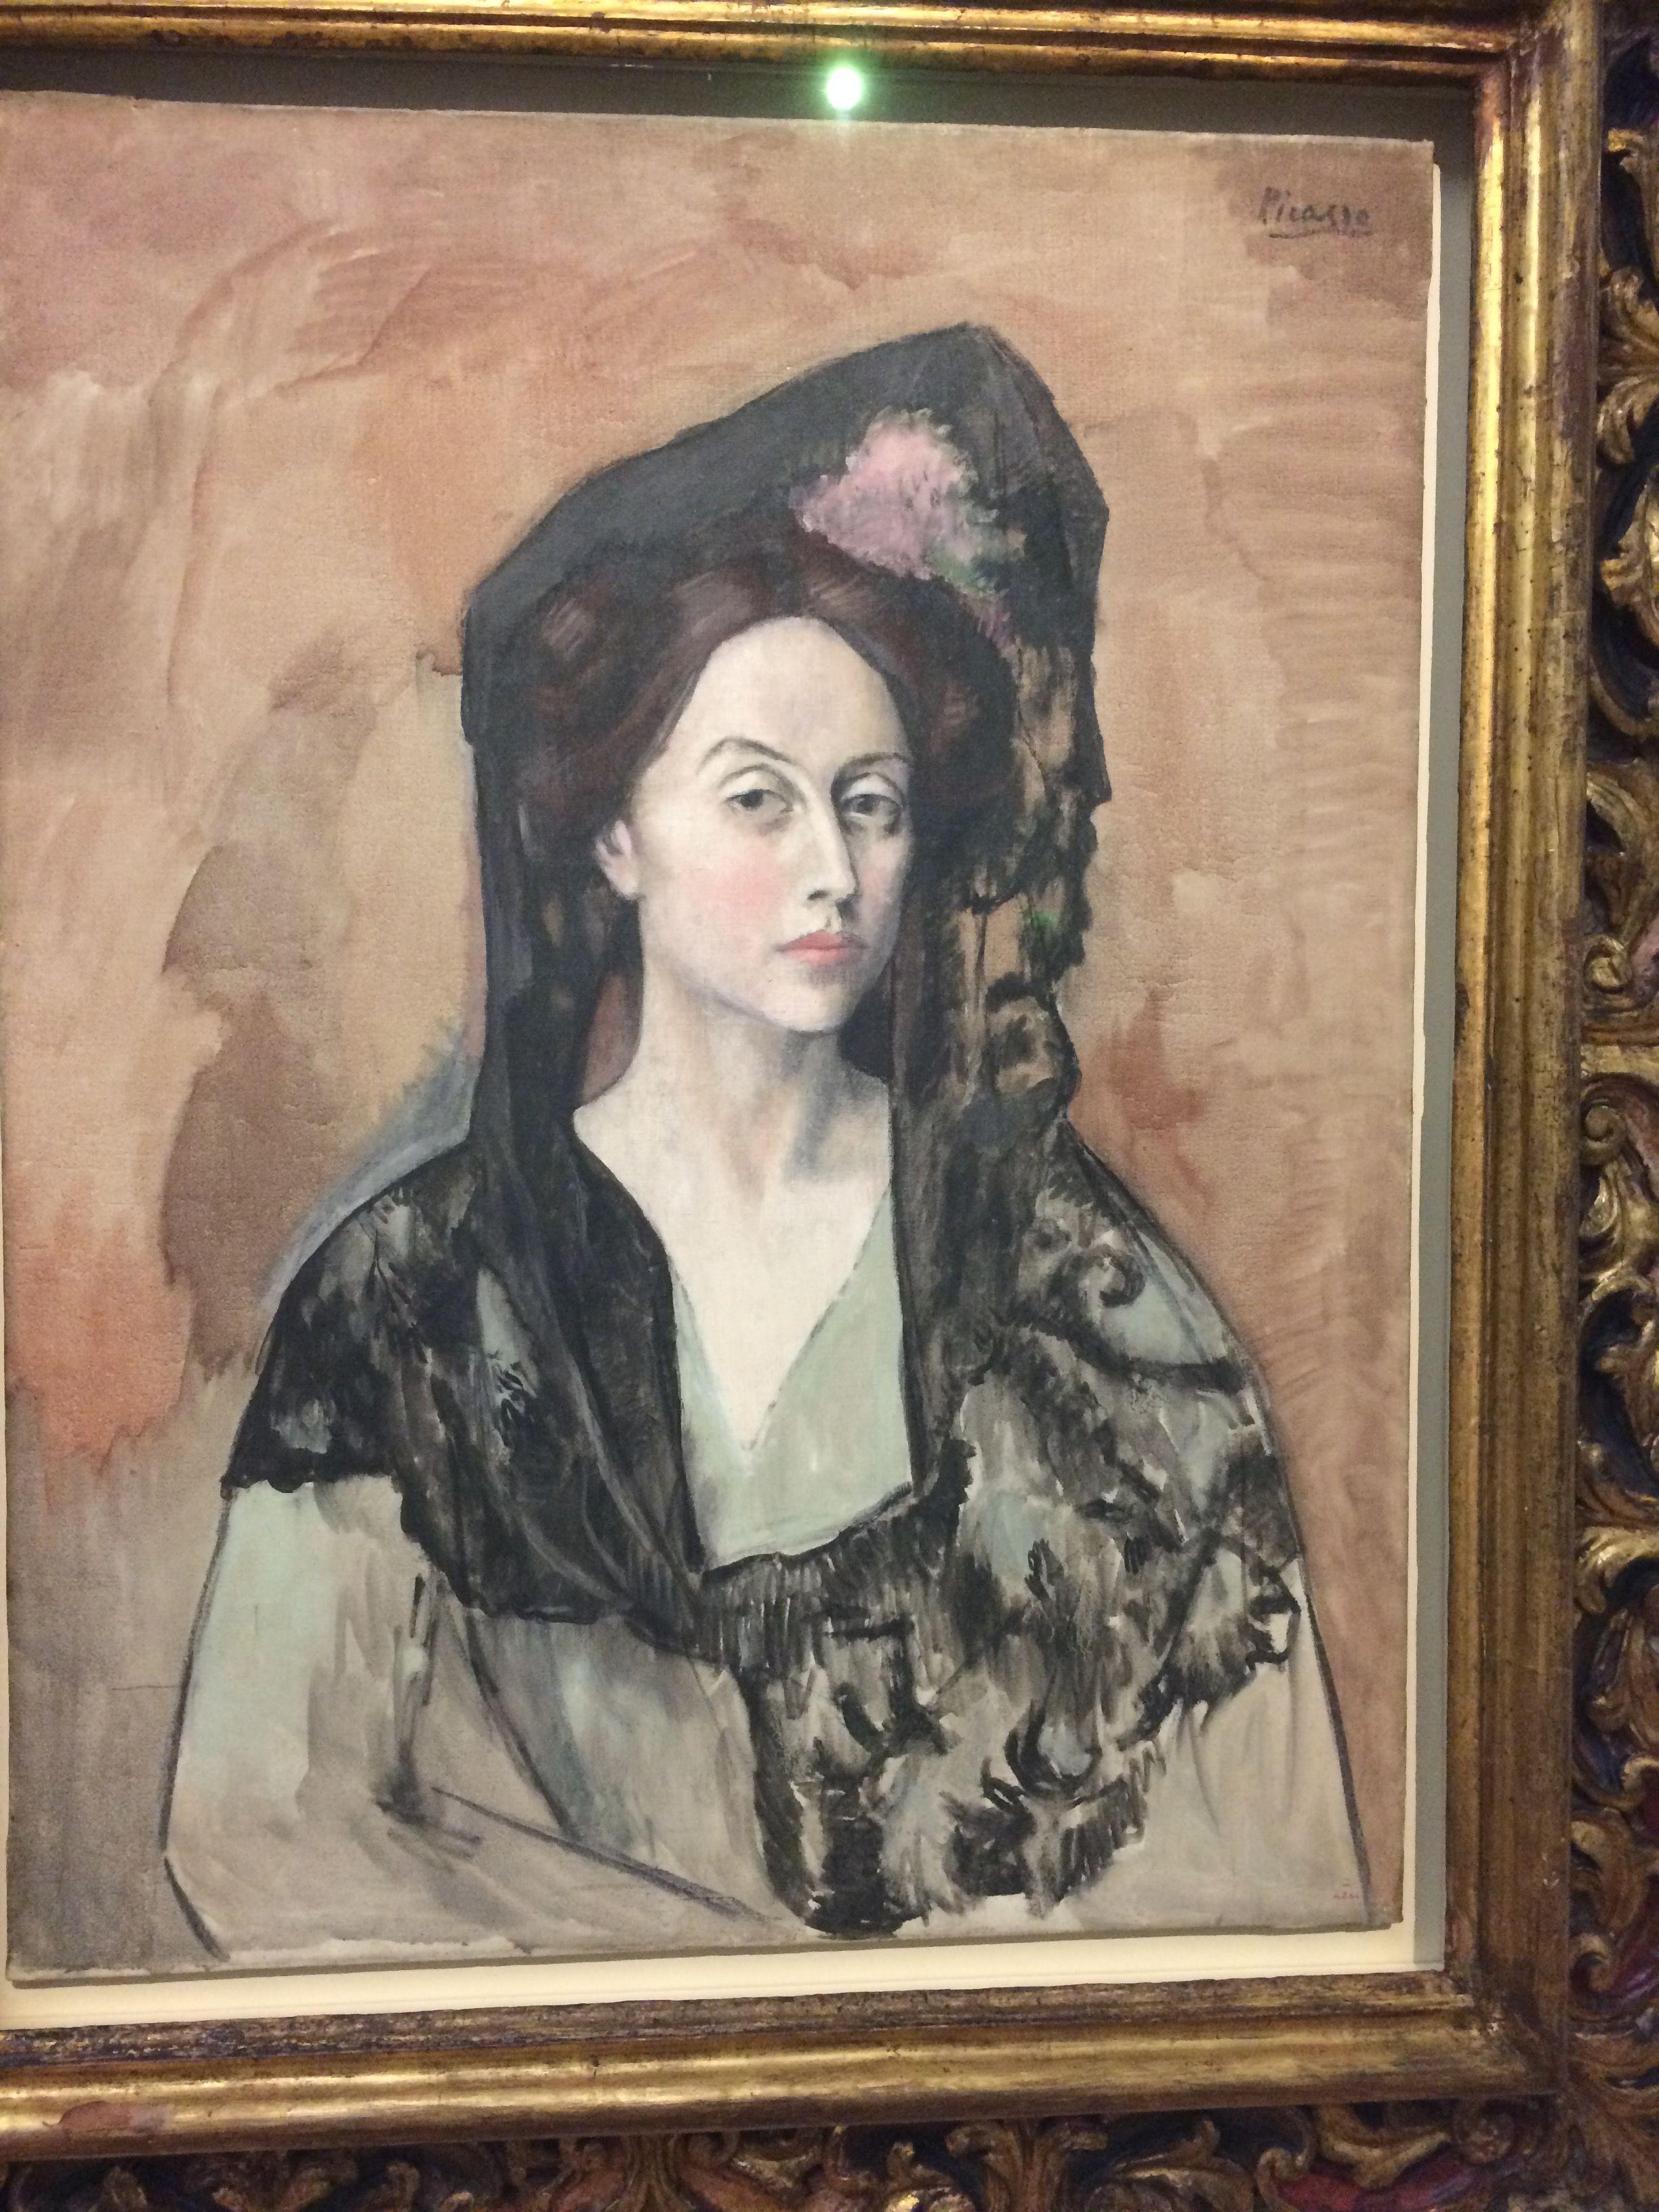 Exposition Peinture Aix En Provence : exposition, peinture, provence, Exposition, Picasso, Picabia, Musée, Granet, Provence, Picasso,, Émotions